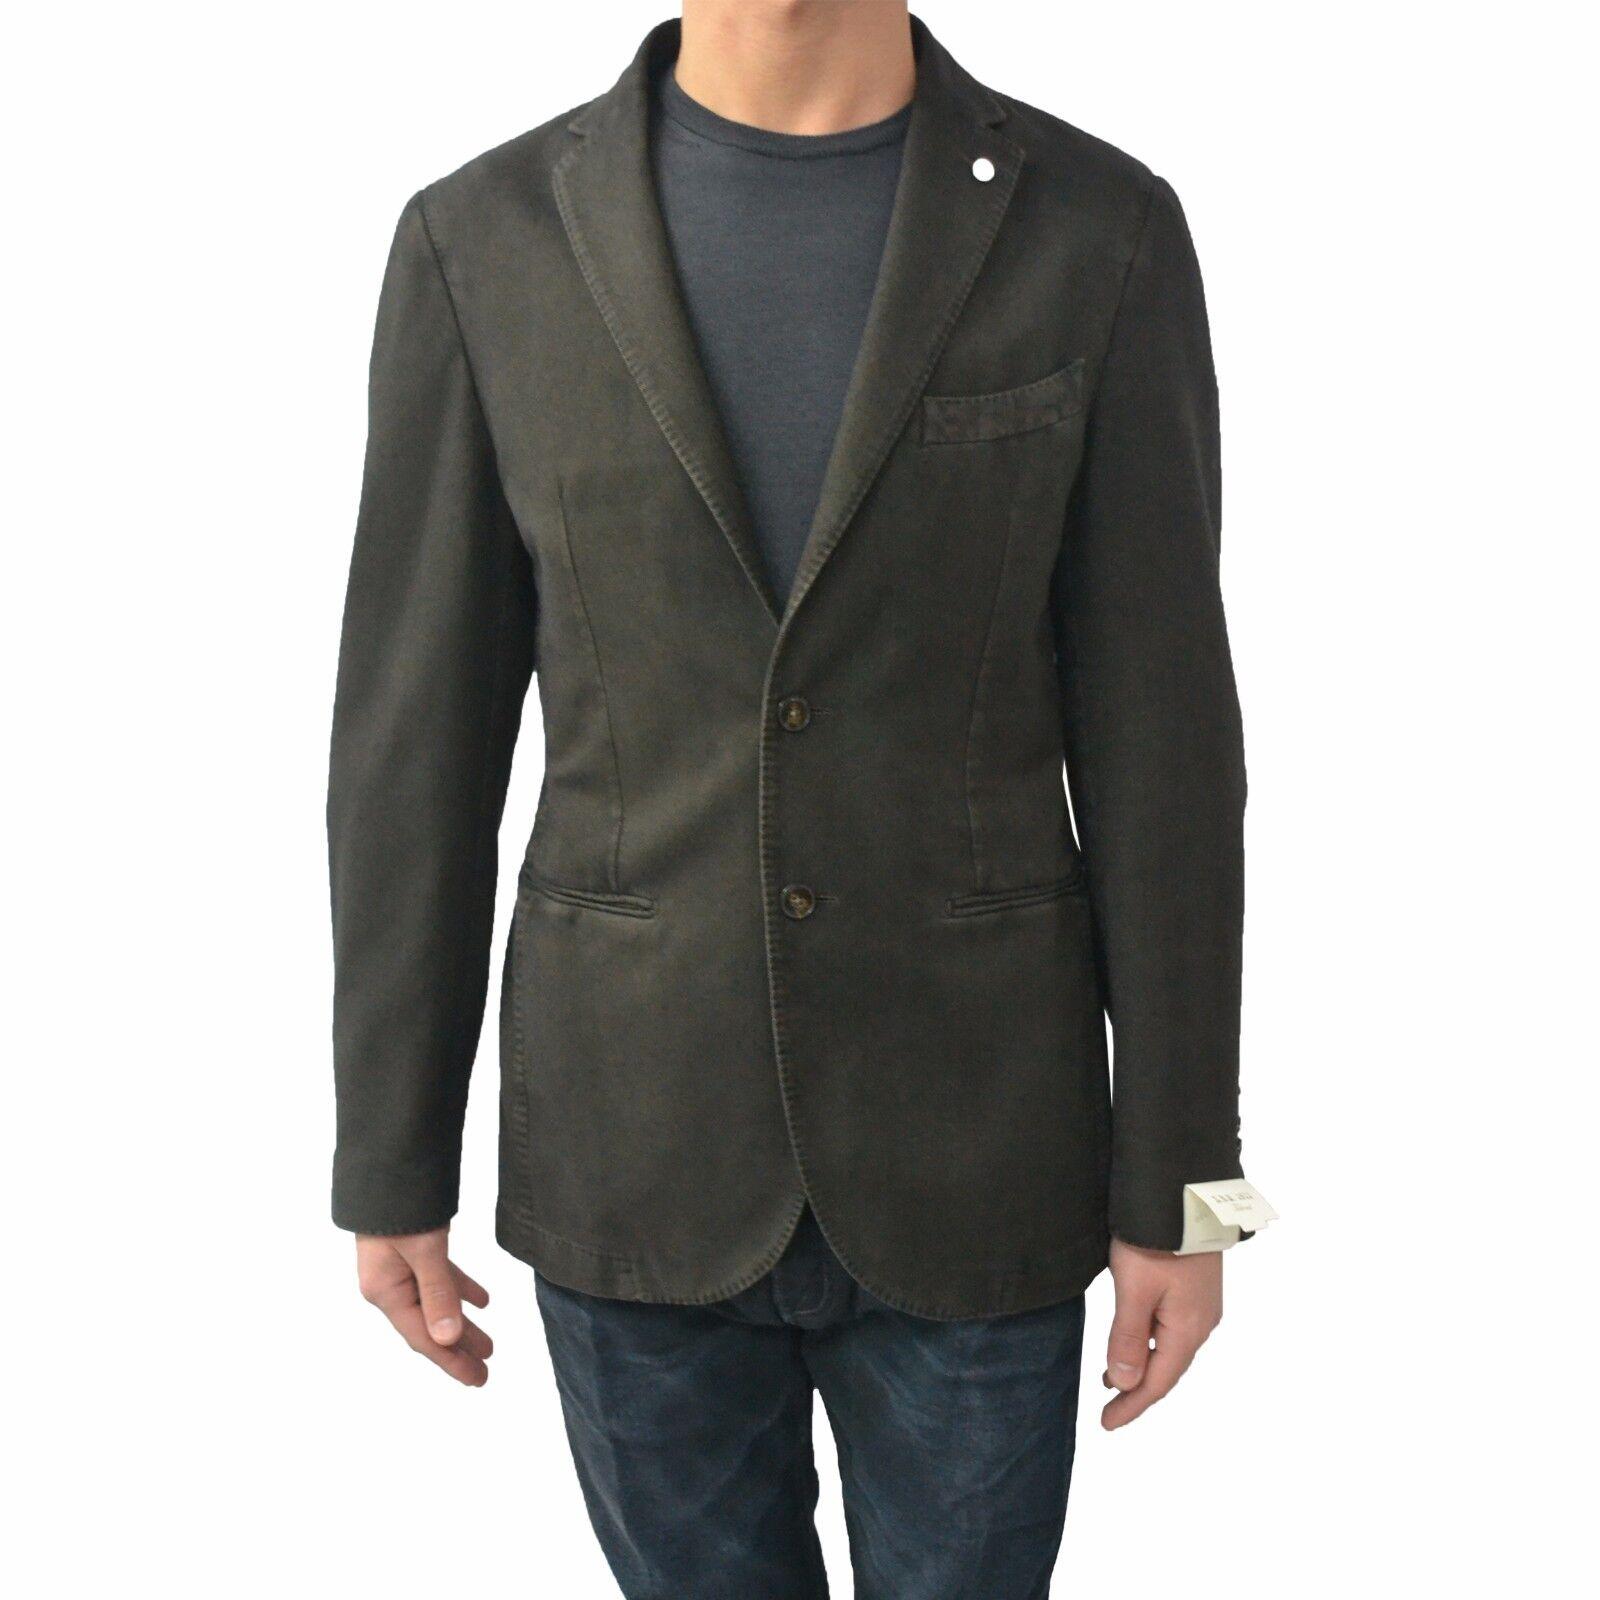 L.B.M 1911 veste pour hommes non doublée hiver spinata coupe brune normale